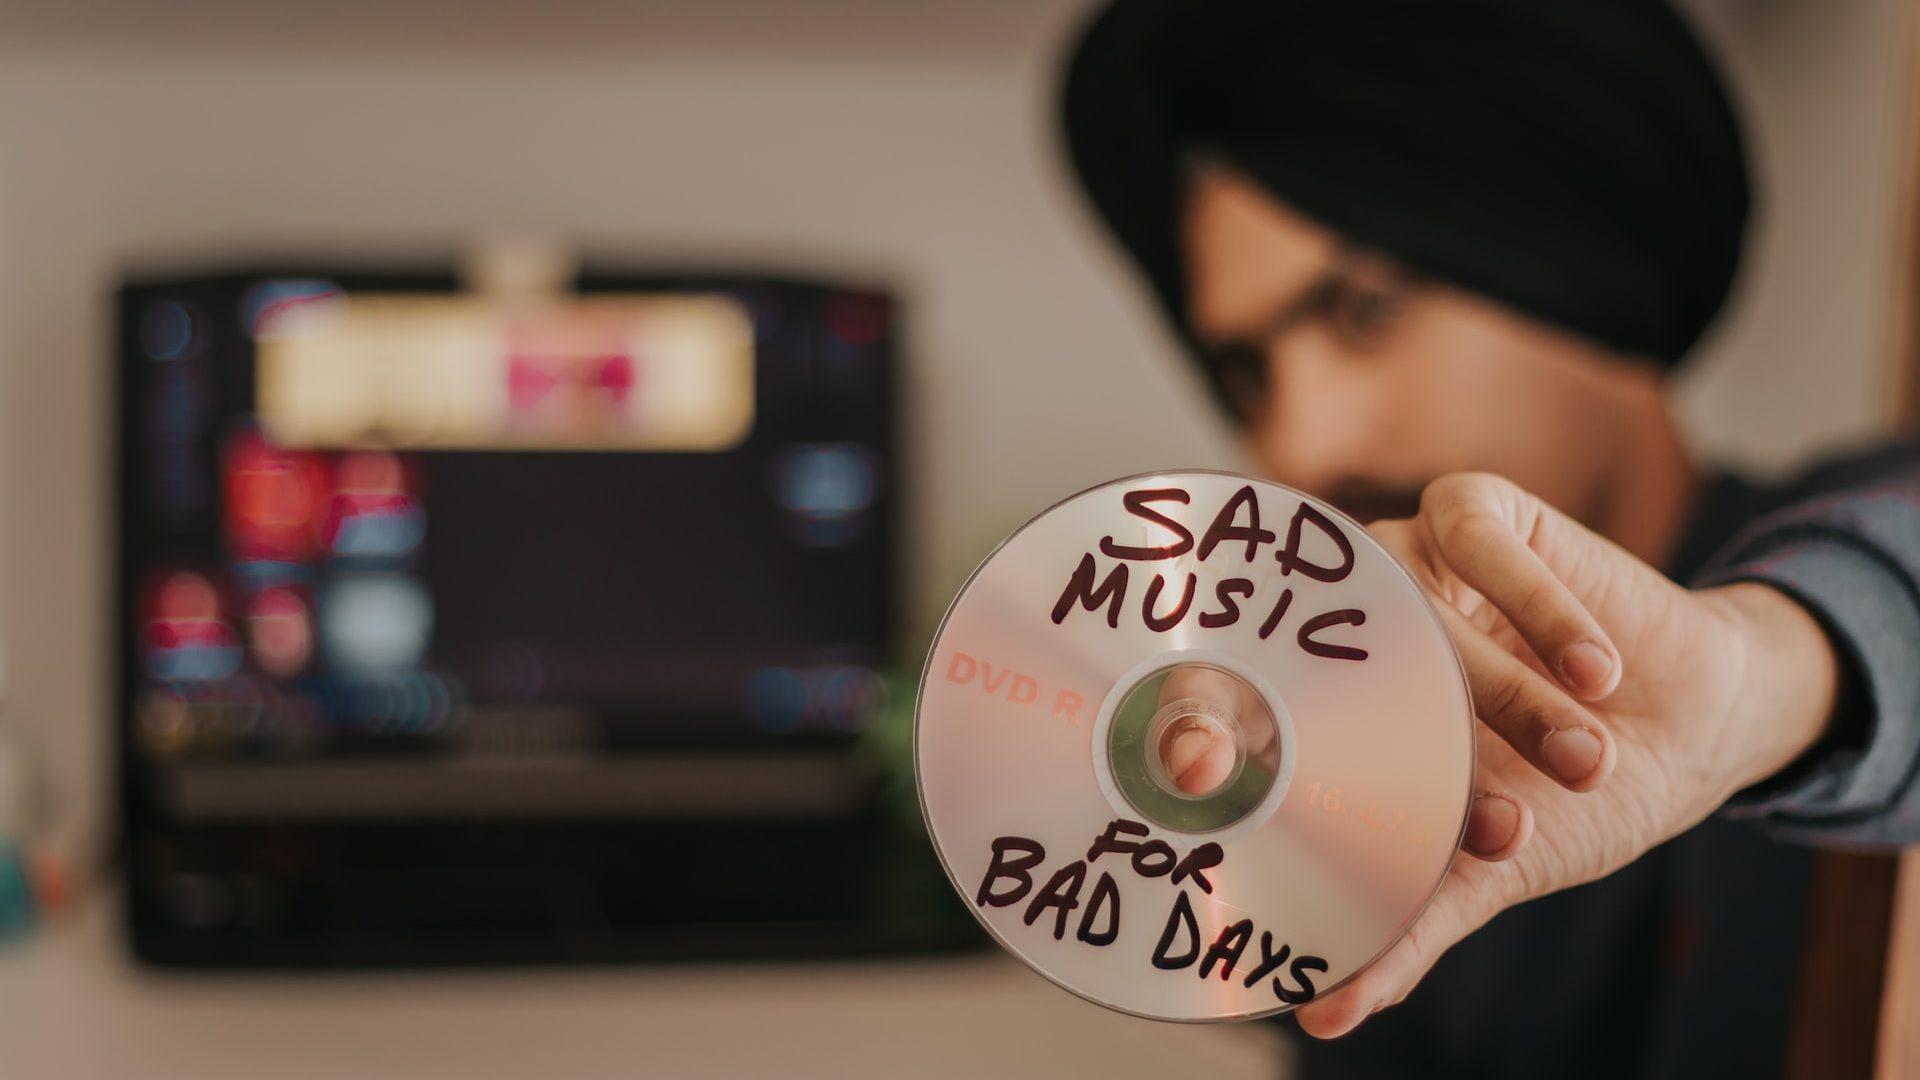 DVDのレンタル作品を見せつけている